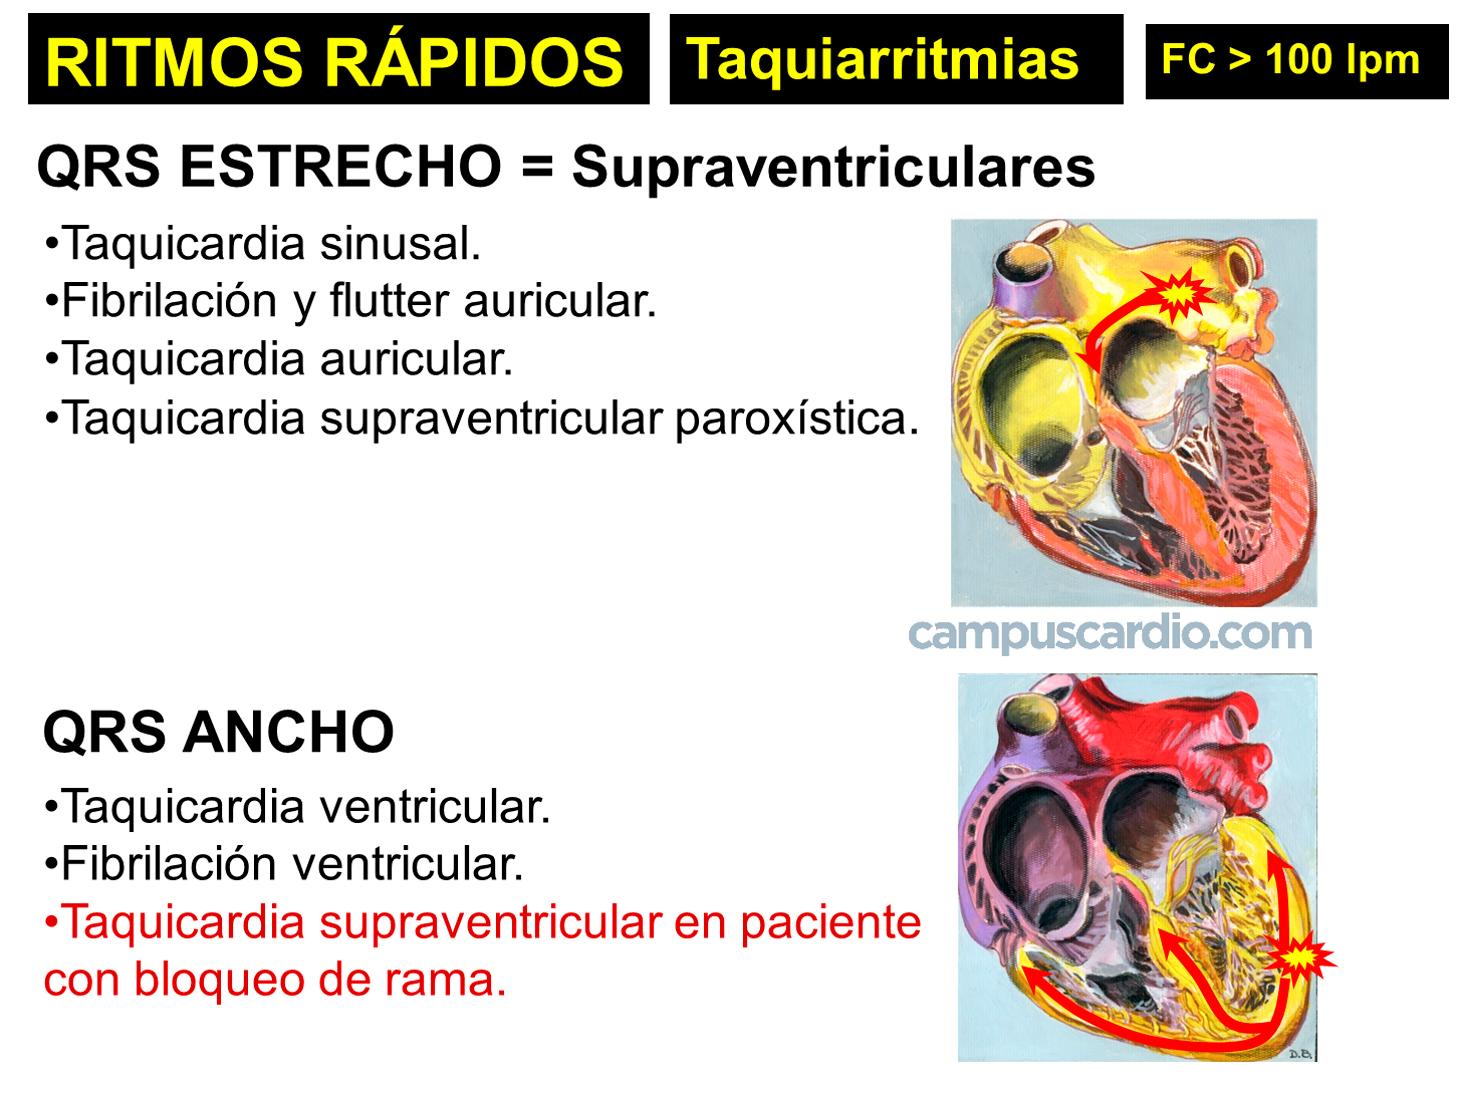 RITMOS-RÁPIDOS-taquiarritmias